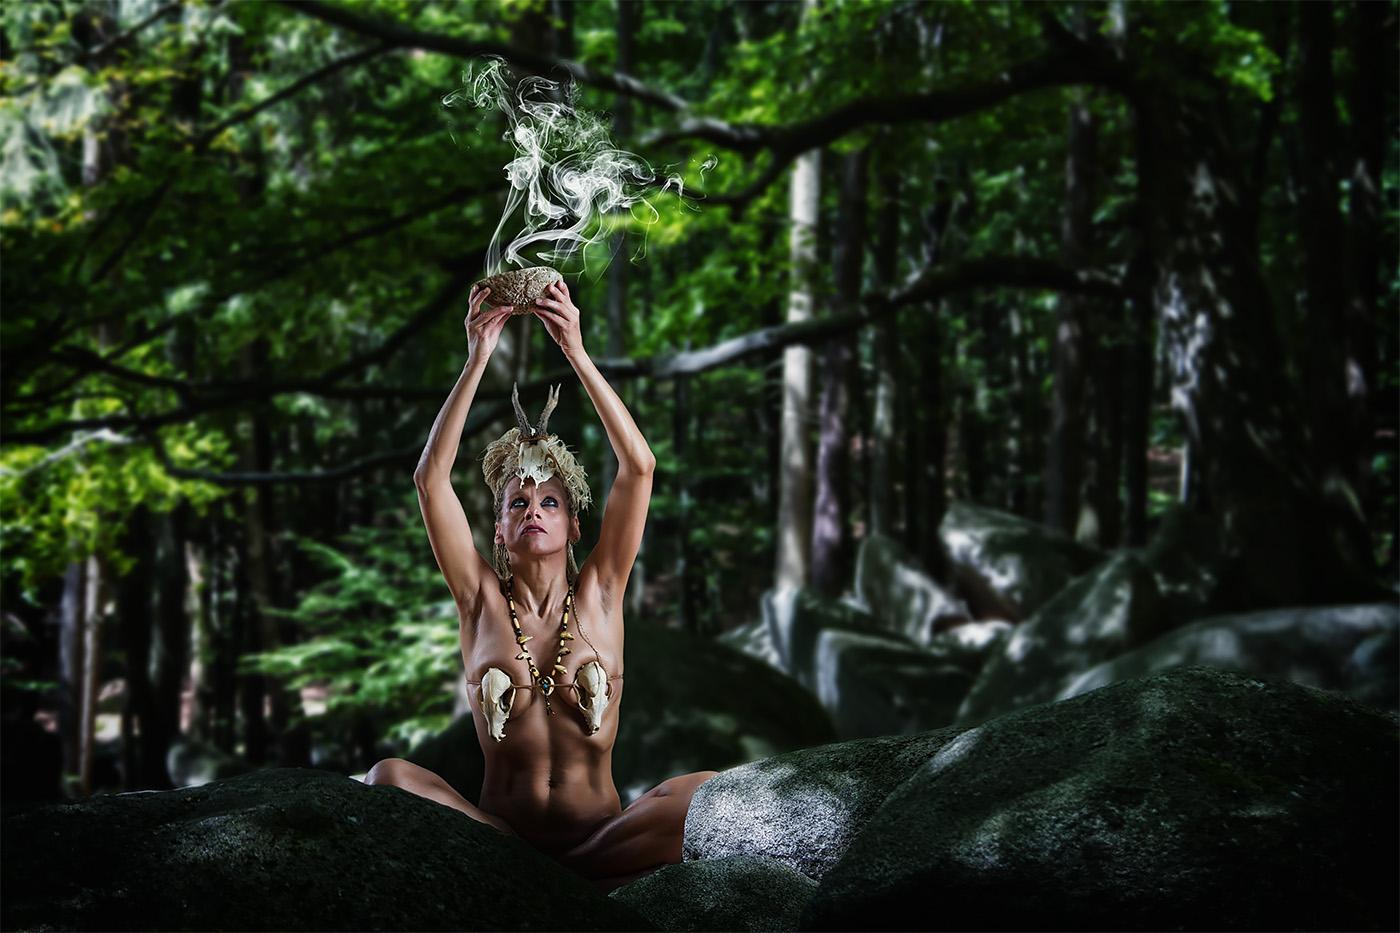 Eine Schamanin haelt im Wald eine Raeucherschale ueber den Kopf - Model Petra Wimmer